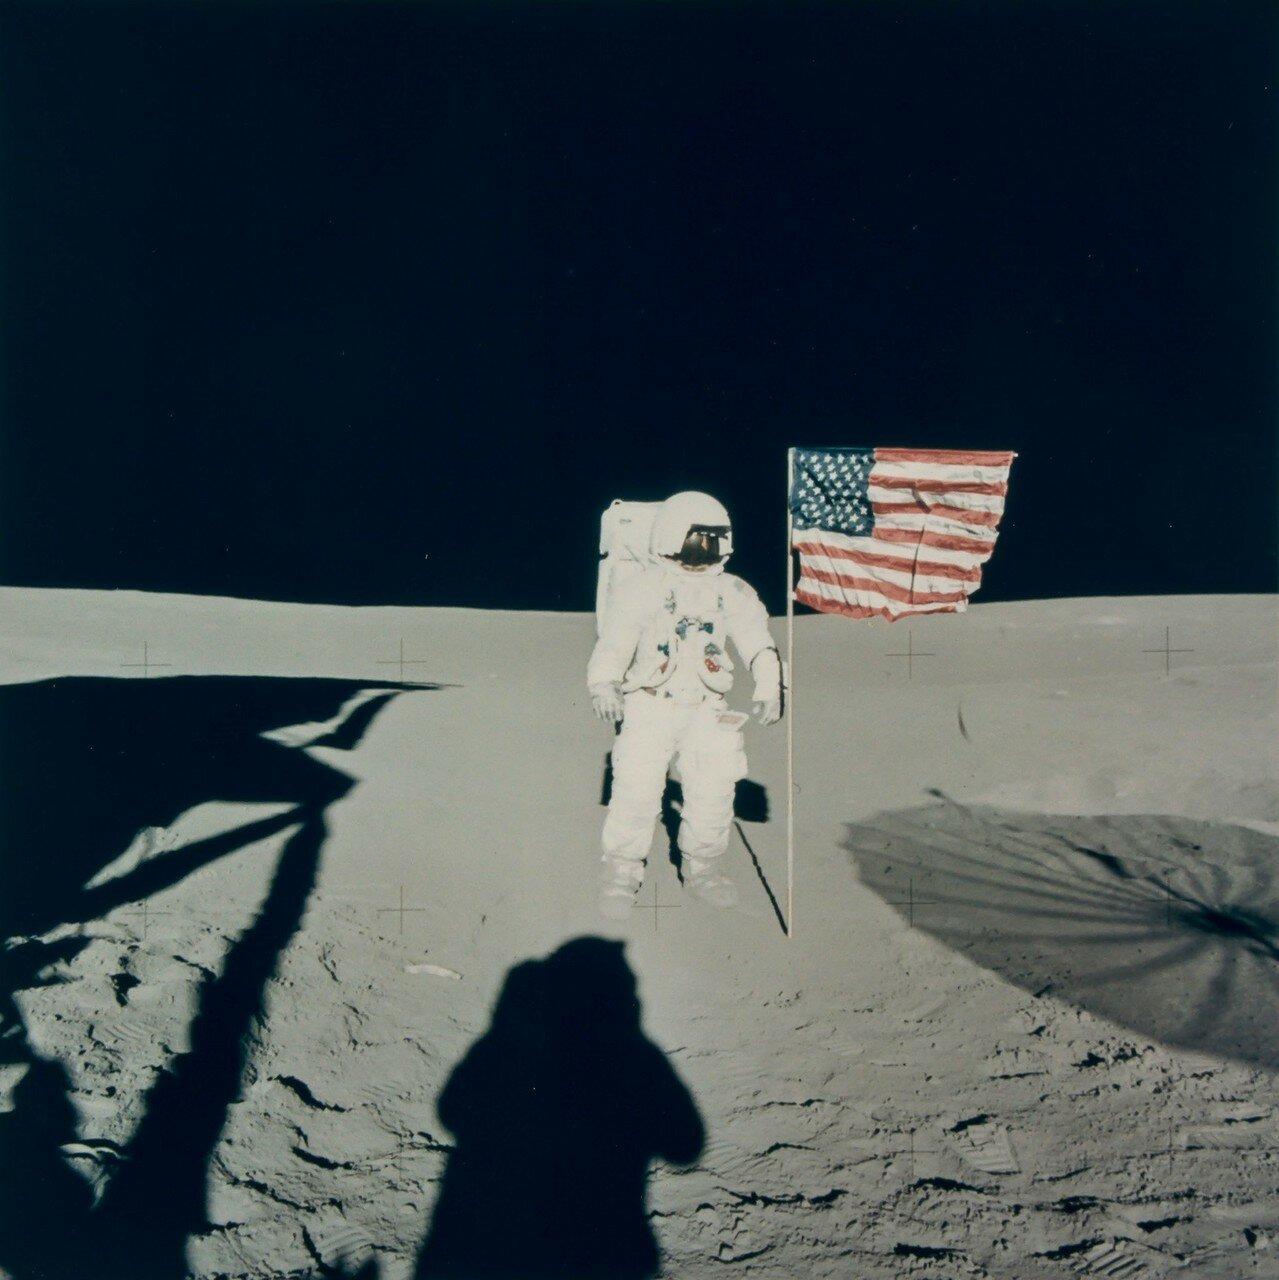 В 115 часов 49 минут полётного времени астронавтов попросили подойти к флагу, после чего им передали послание президента Никсона. На снимке Эдгар Митчелл с американским флагом